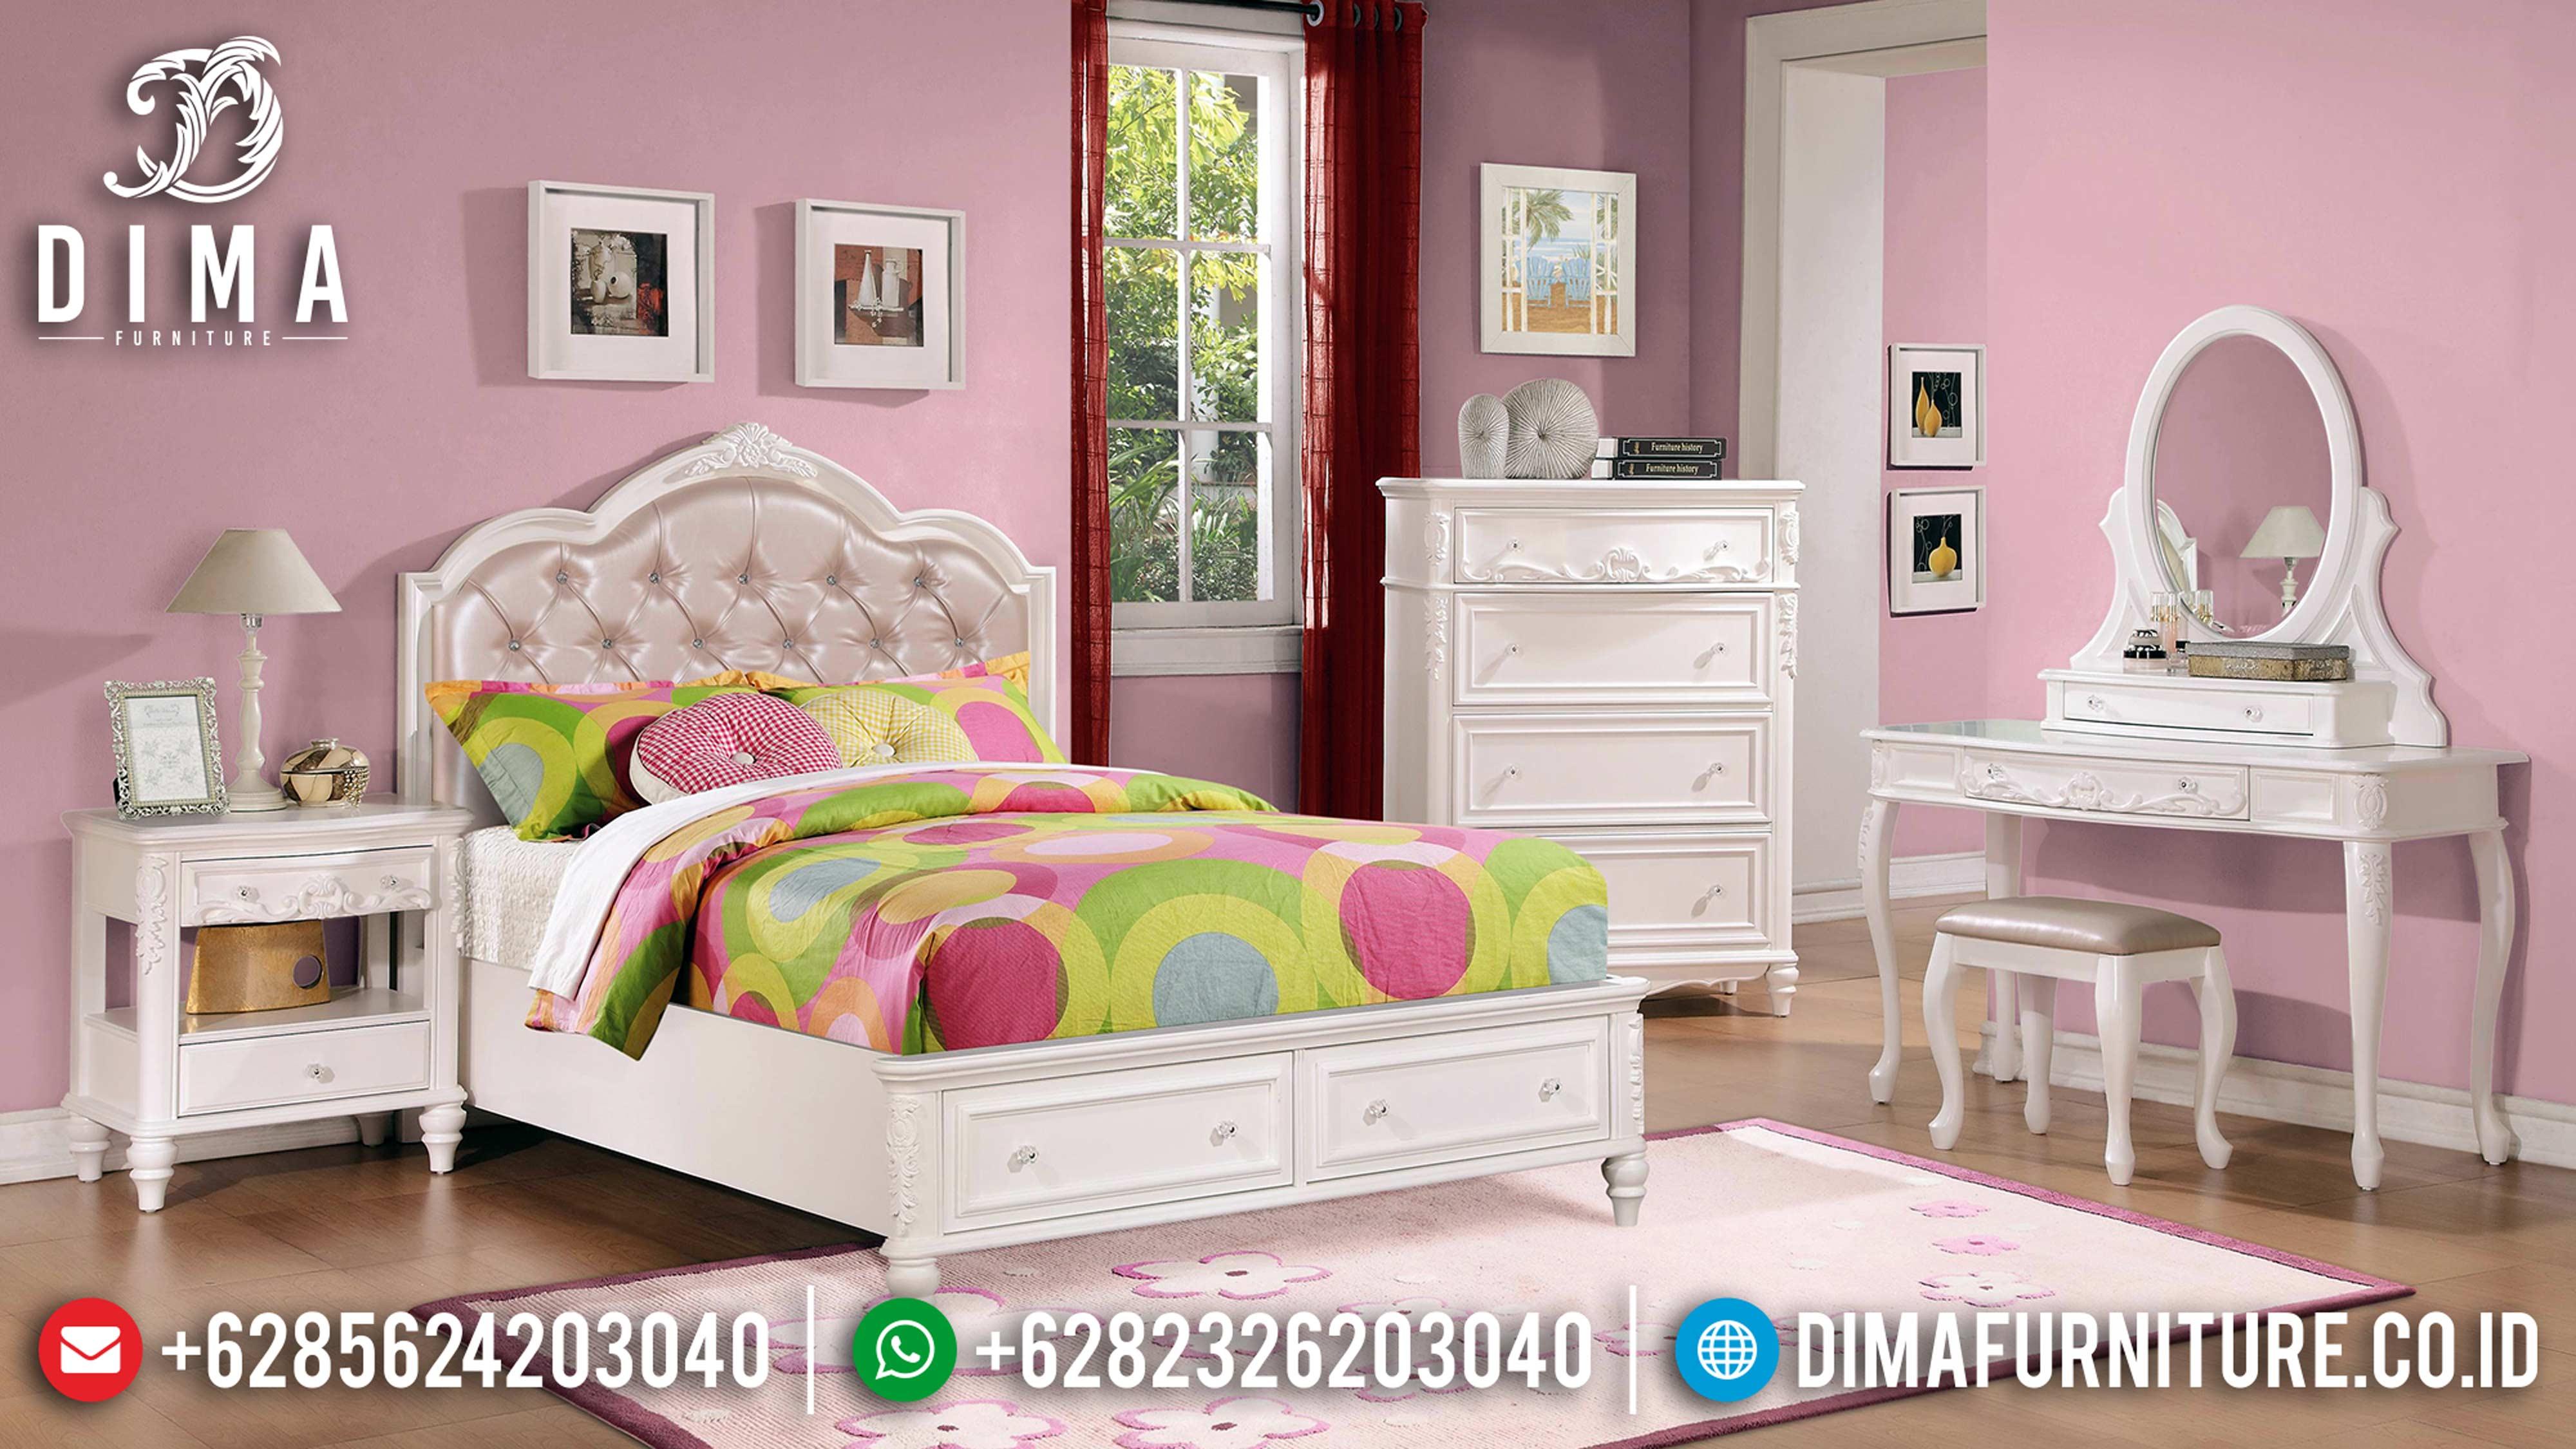 Tempat Tidur Anak Minimalis Mebel Jepara Terbaru Seri Caroline DF-0590